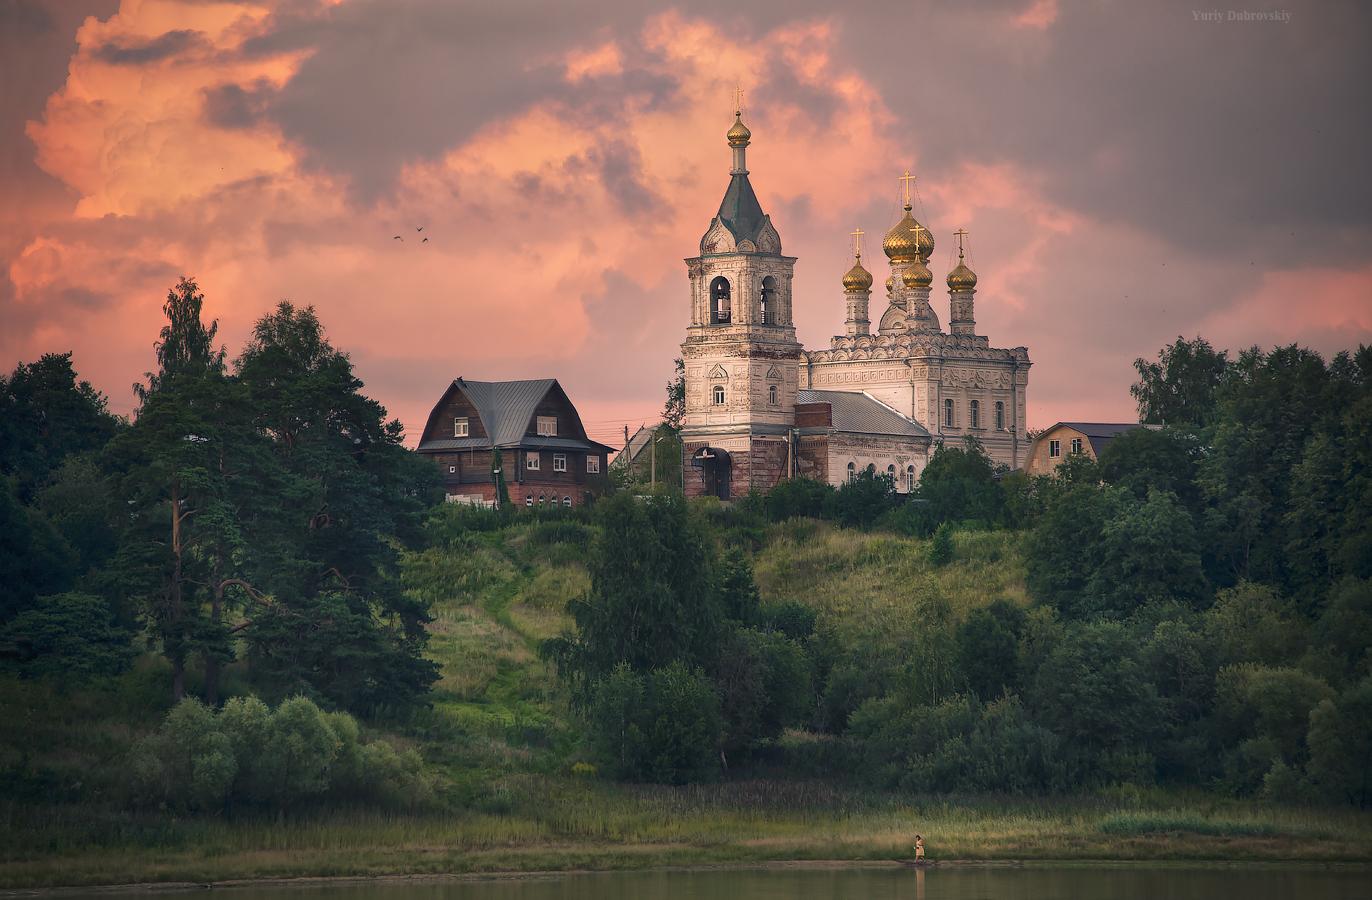 церковь Покрова Пресвятой Богородицы Жестылево